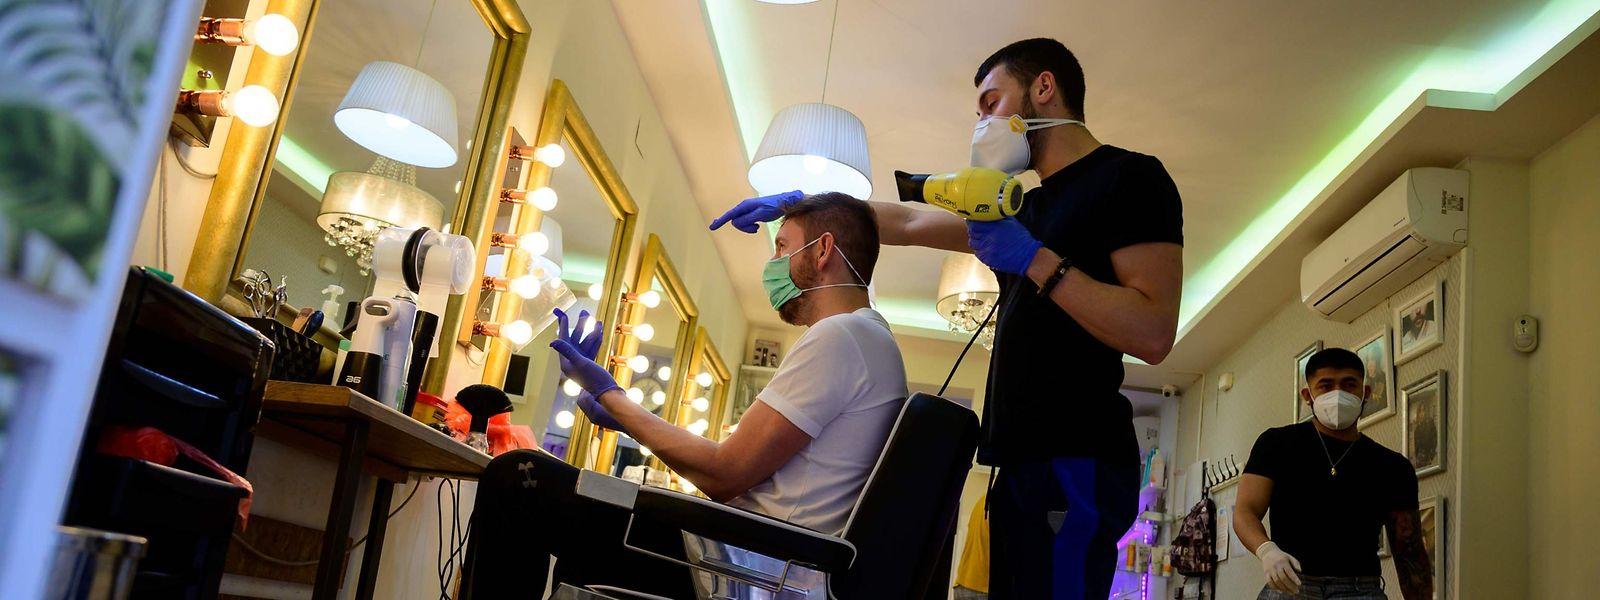 Dans un premier temps, les salons de coiffure ne seront d'abord accessibles que sur rendez-vous.